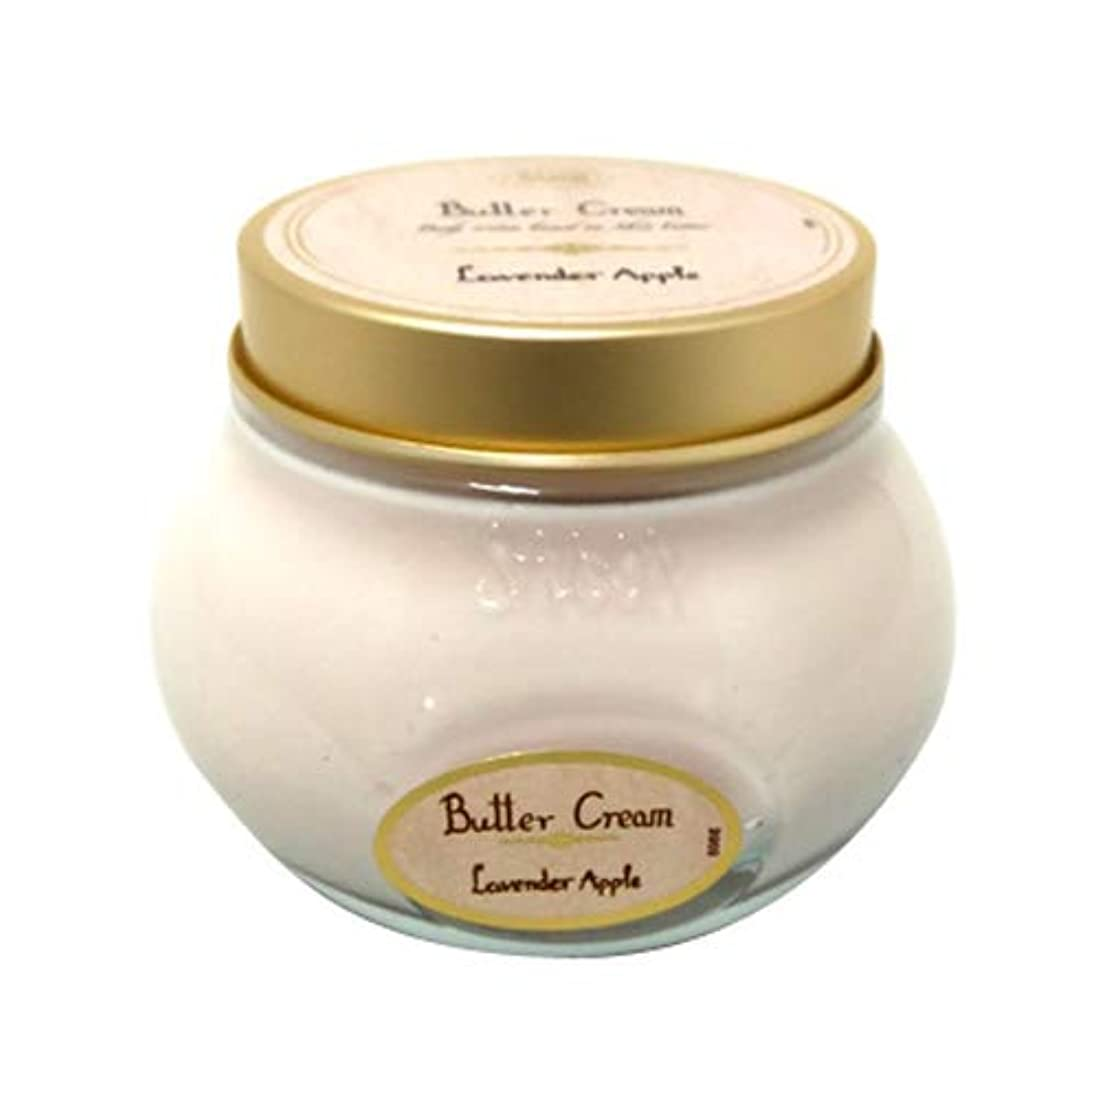 ラオス人自由しなければならないサボン バタークリーム ラベンダーアップル 200ml SABON [ ボディクリーム ] [並行輸入品]